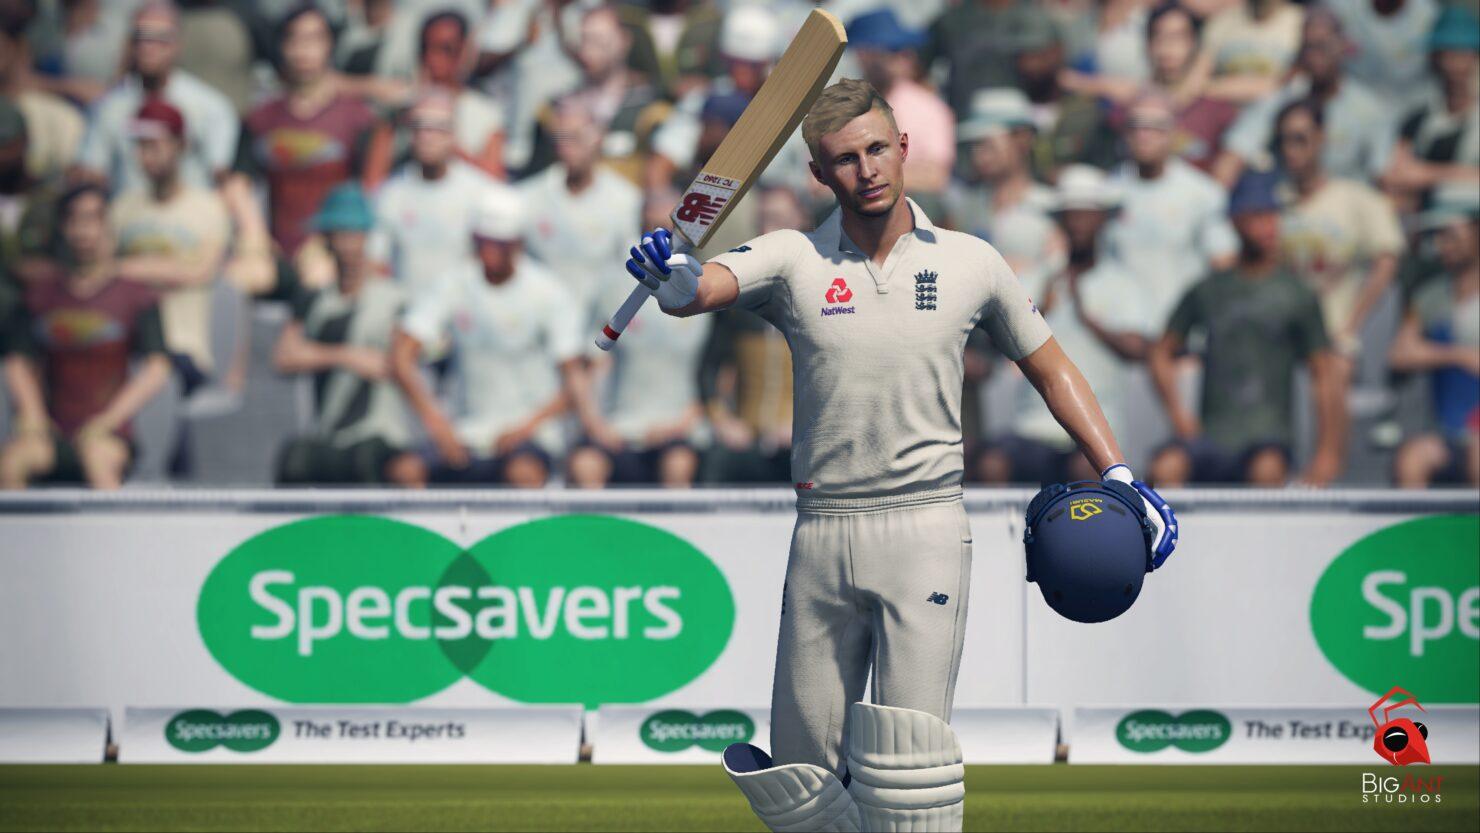 cricket-19-announced-screenshot-02